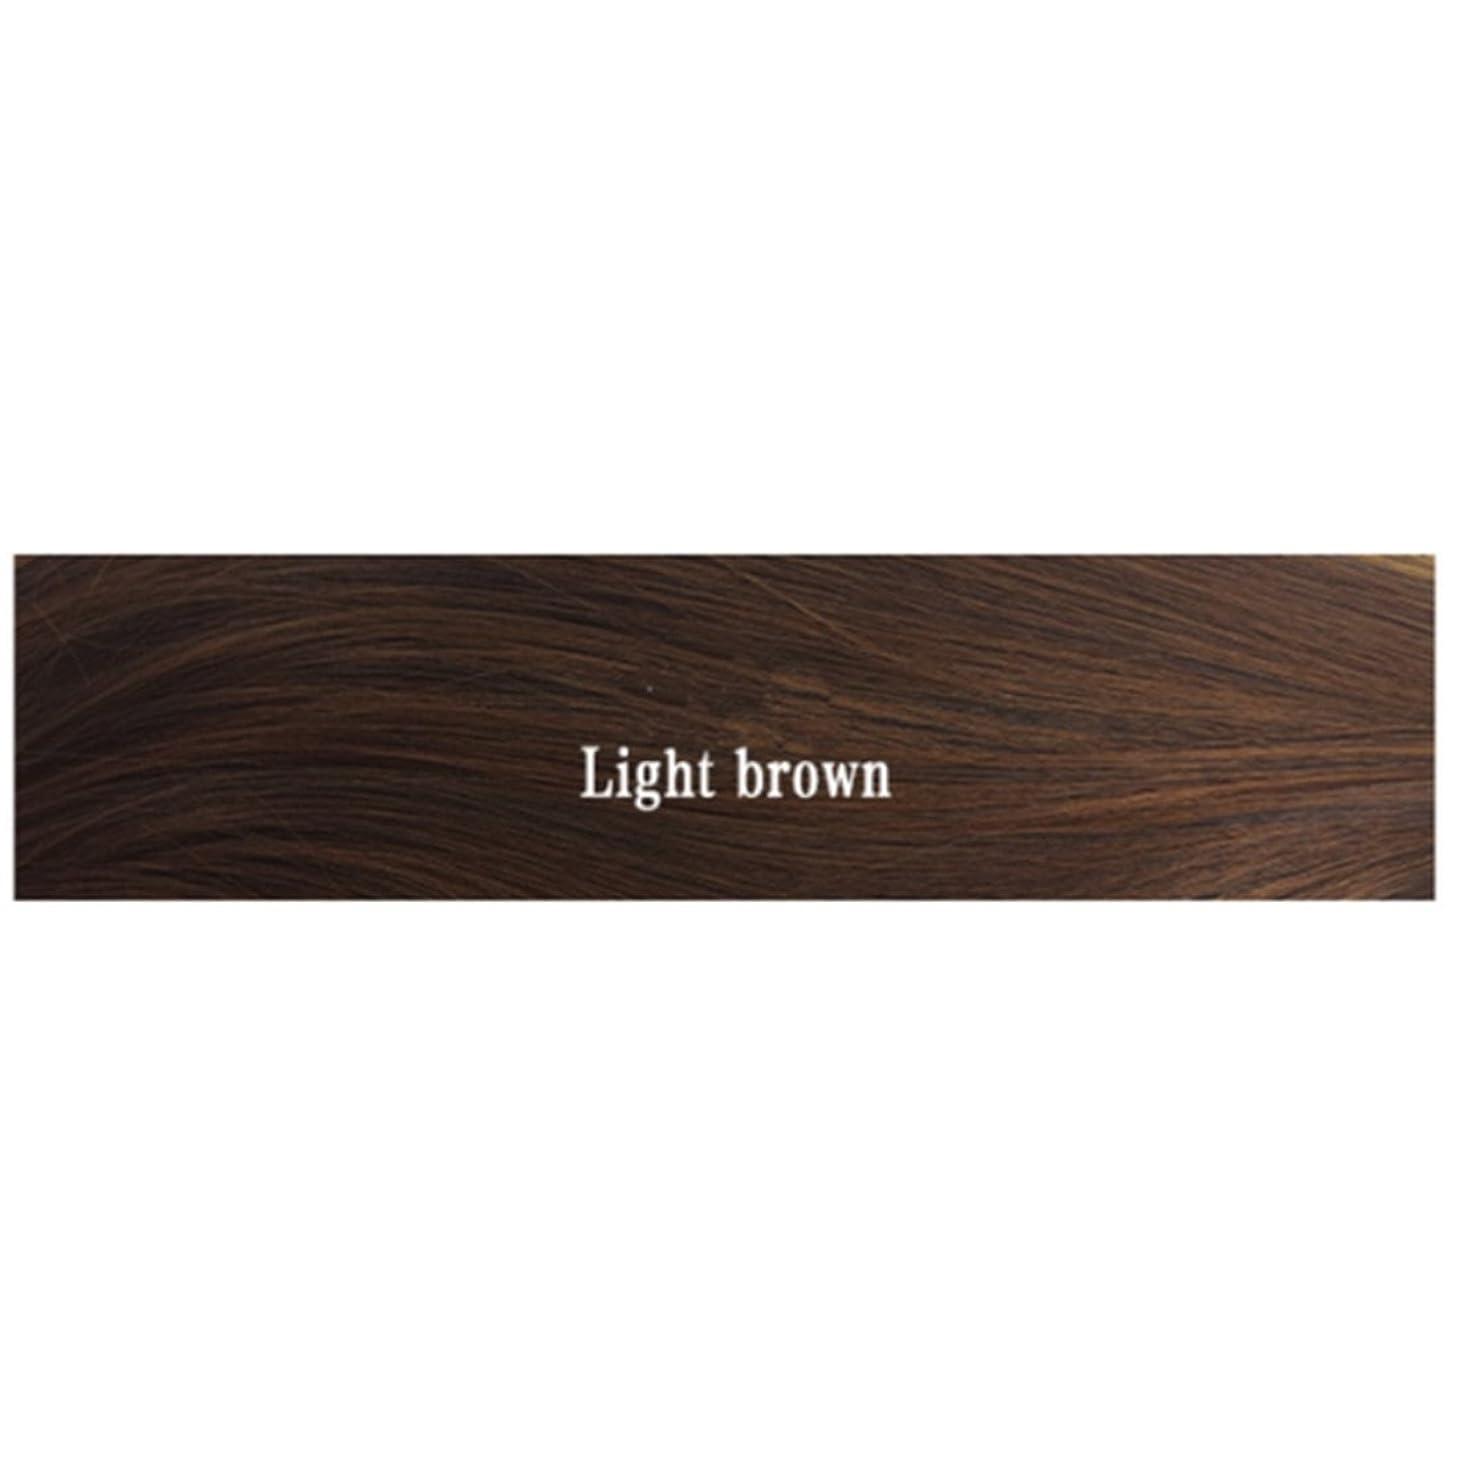 永遠に羊の天国Koloeplf ウィメンズ ウィッグ、エアー フラット 付き マイクロボリューム ストレート バックル ヘアー シンバス 耐熱 ウィッグ 長さ65cm (Color : Light brown)